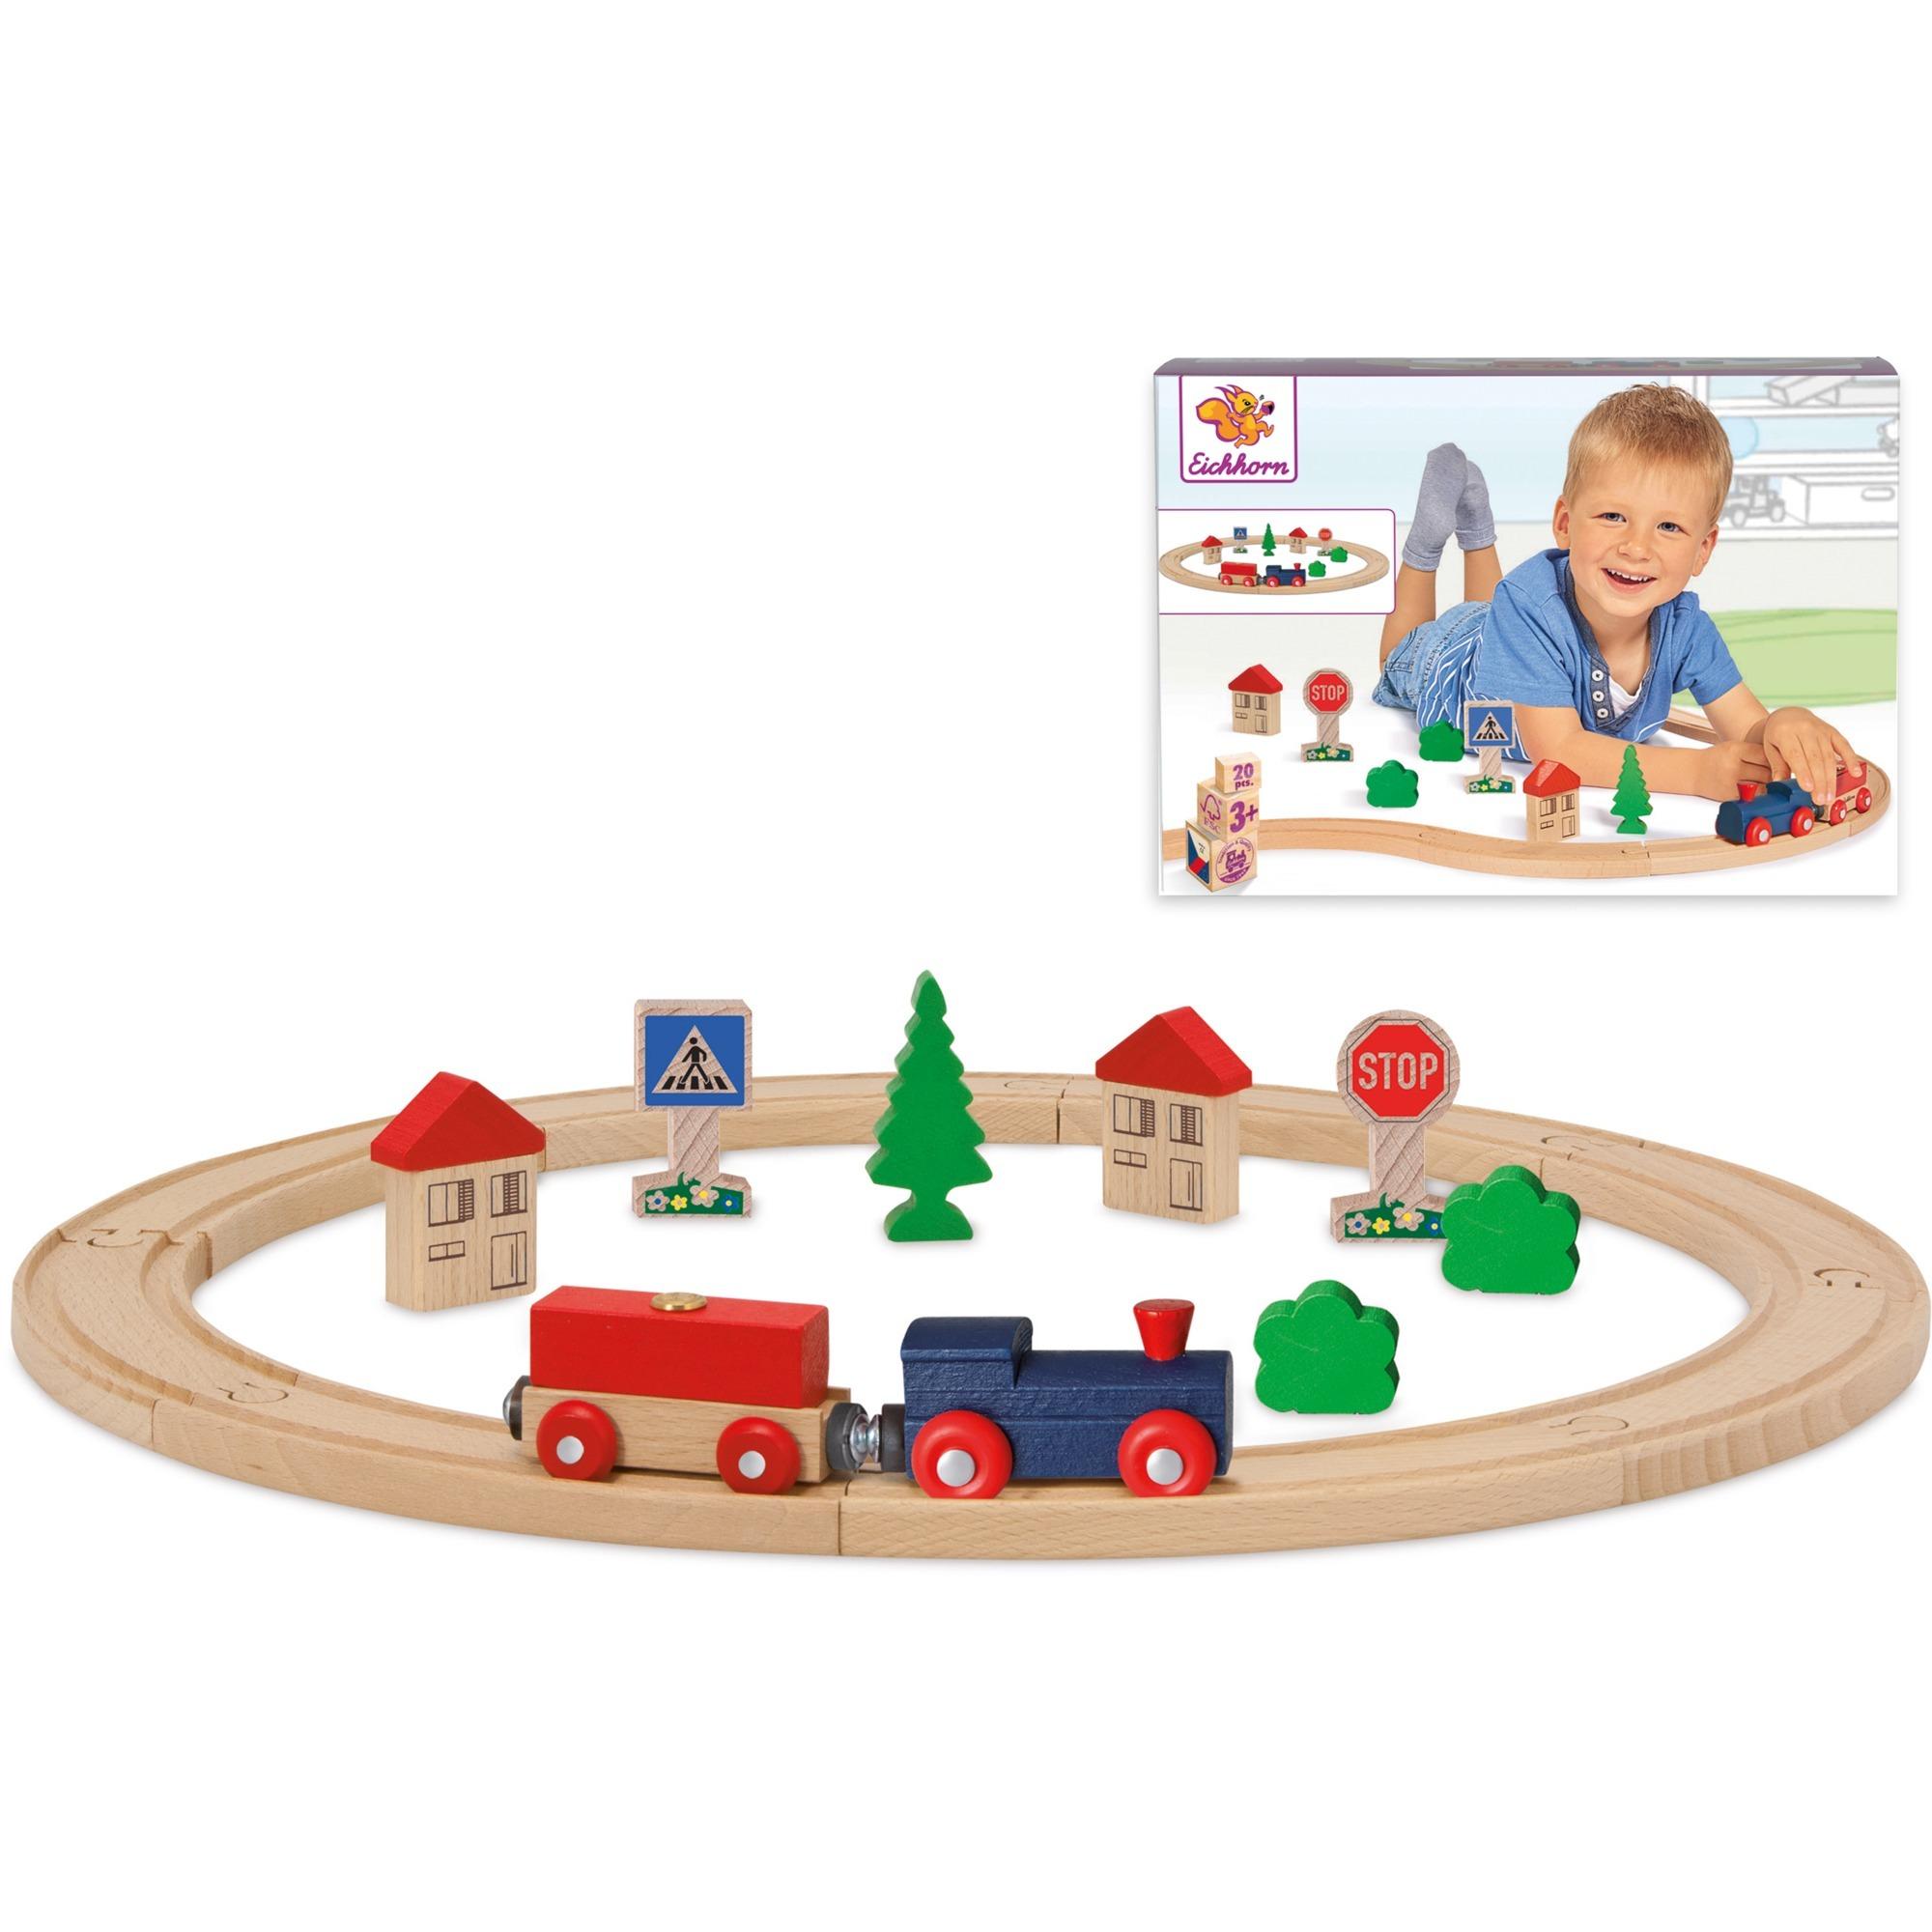 100001260, Ferrocarril